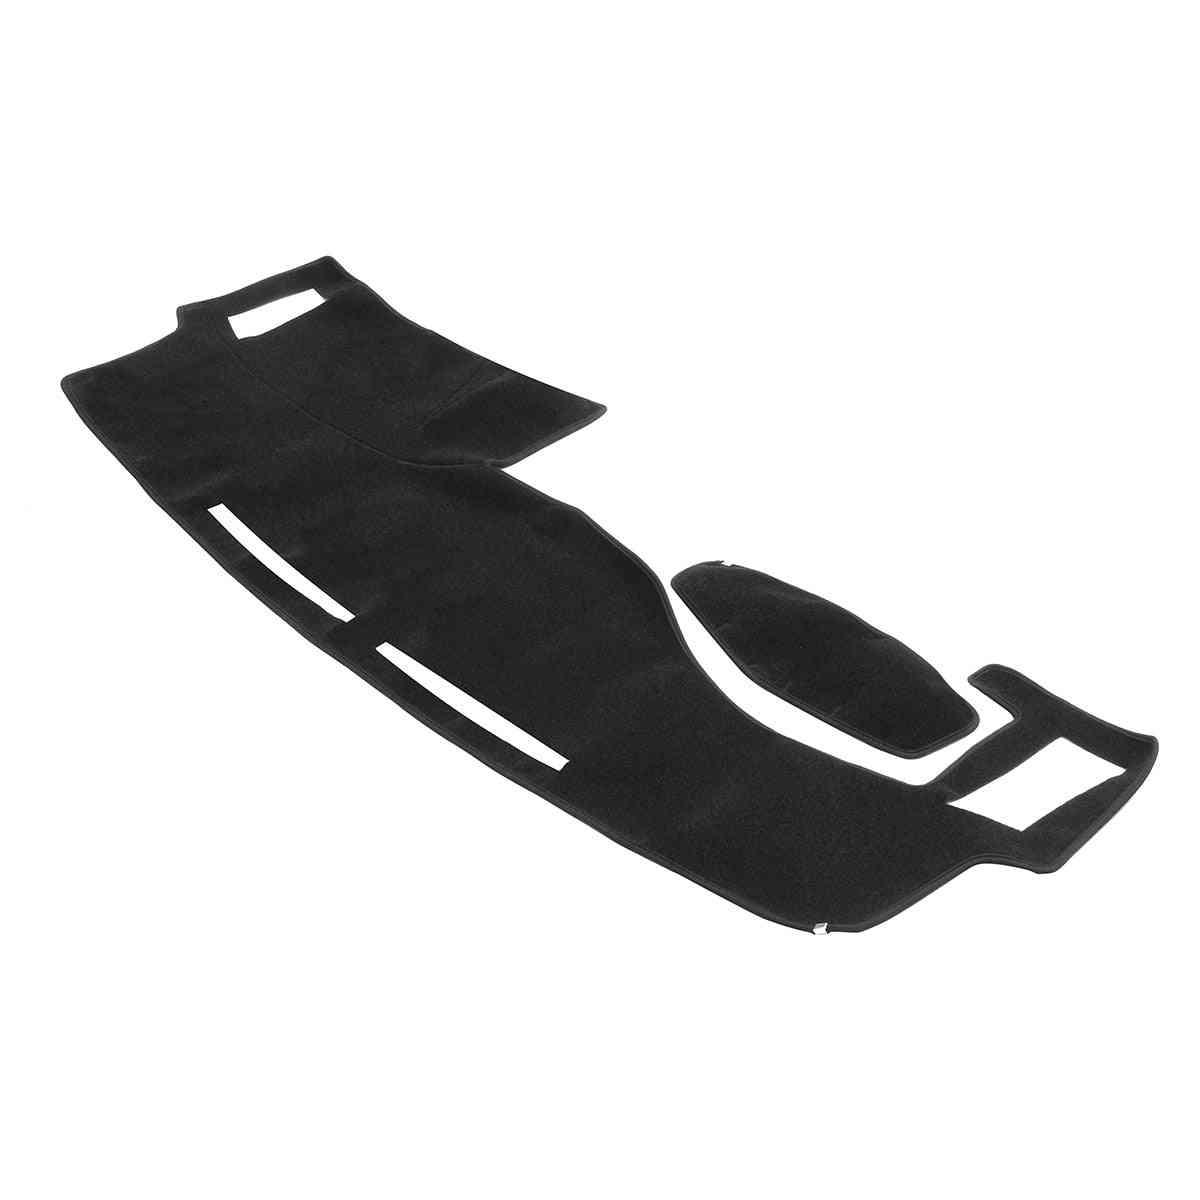 Car Dashboard Cover Dashmat, Sun Shade Carpet For Infiniti